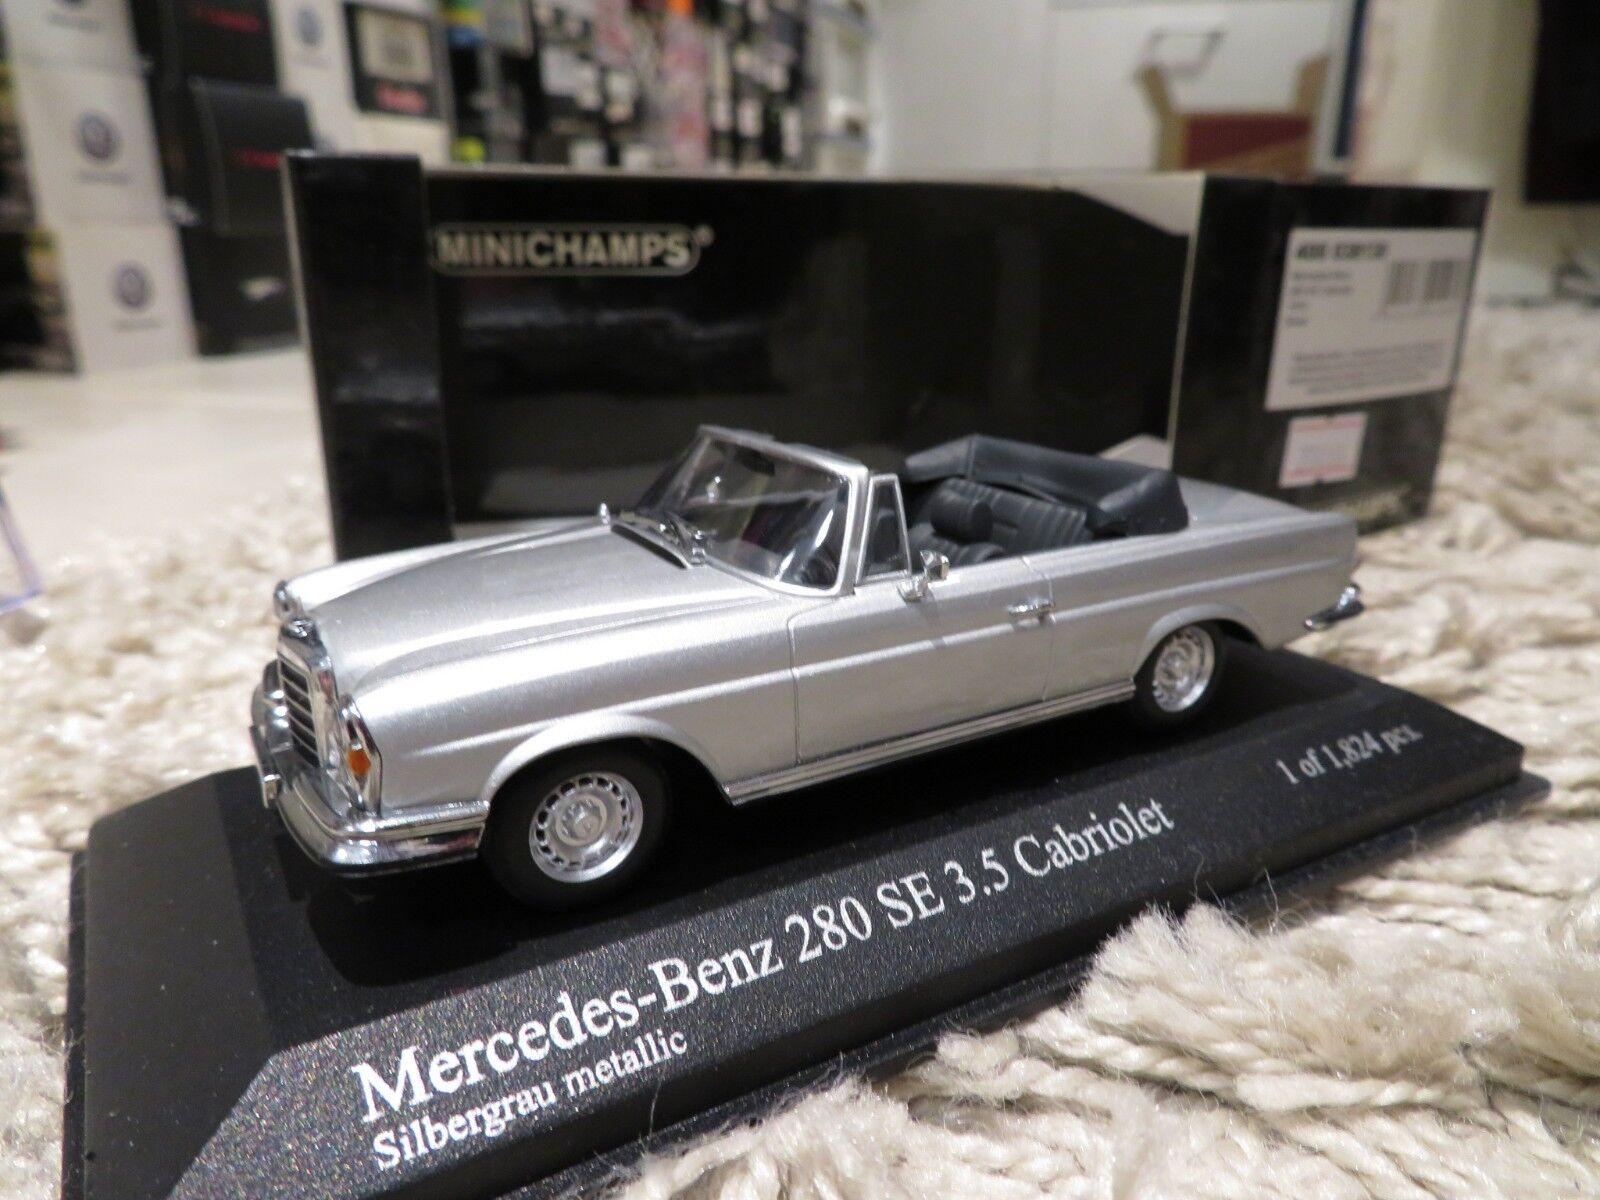 1 43 MINICHAMPS MERCEDES BENZ 280 SE cabriolet (1970) Diecast